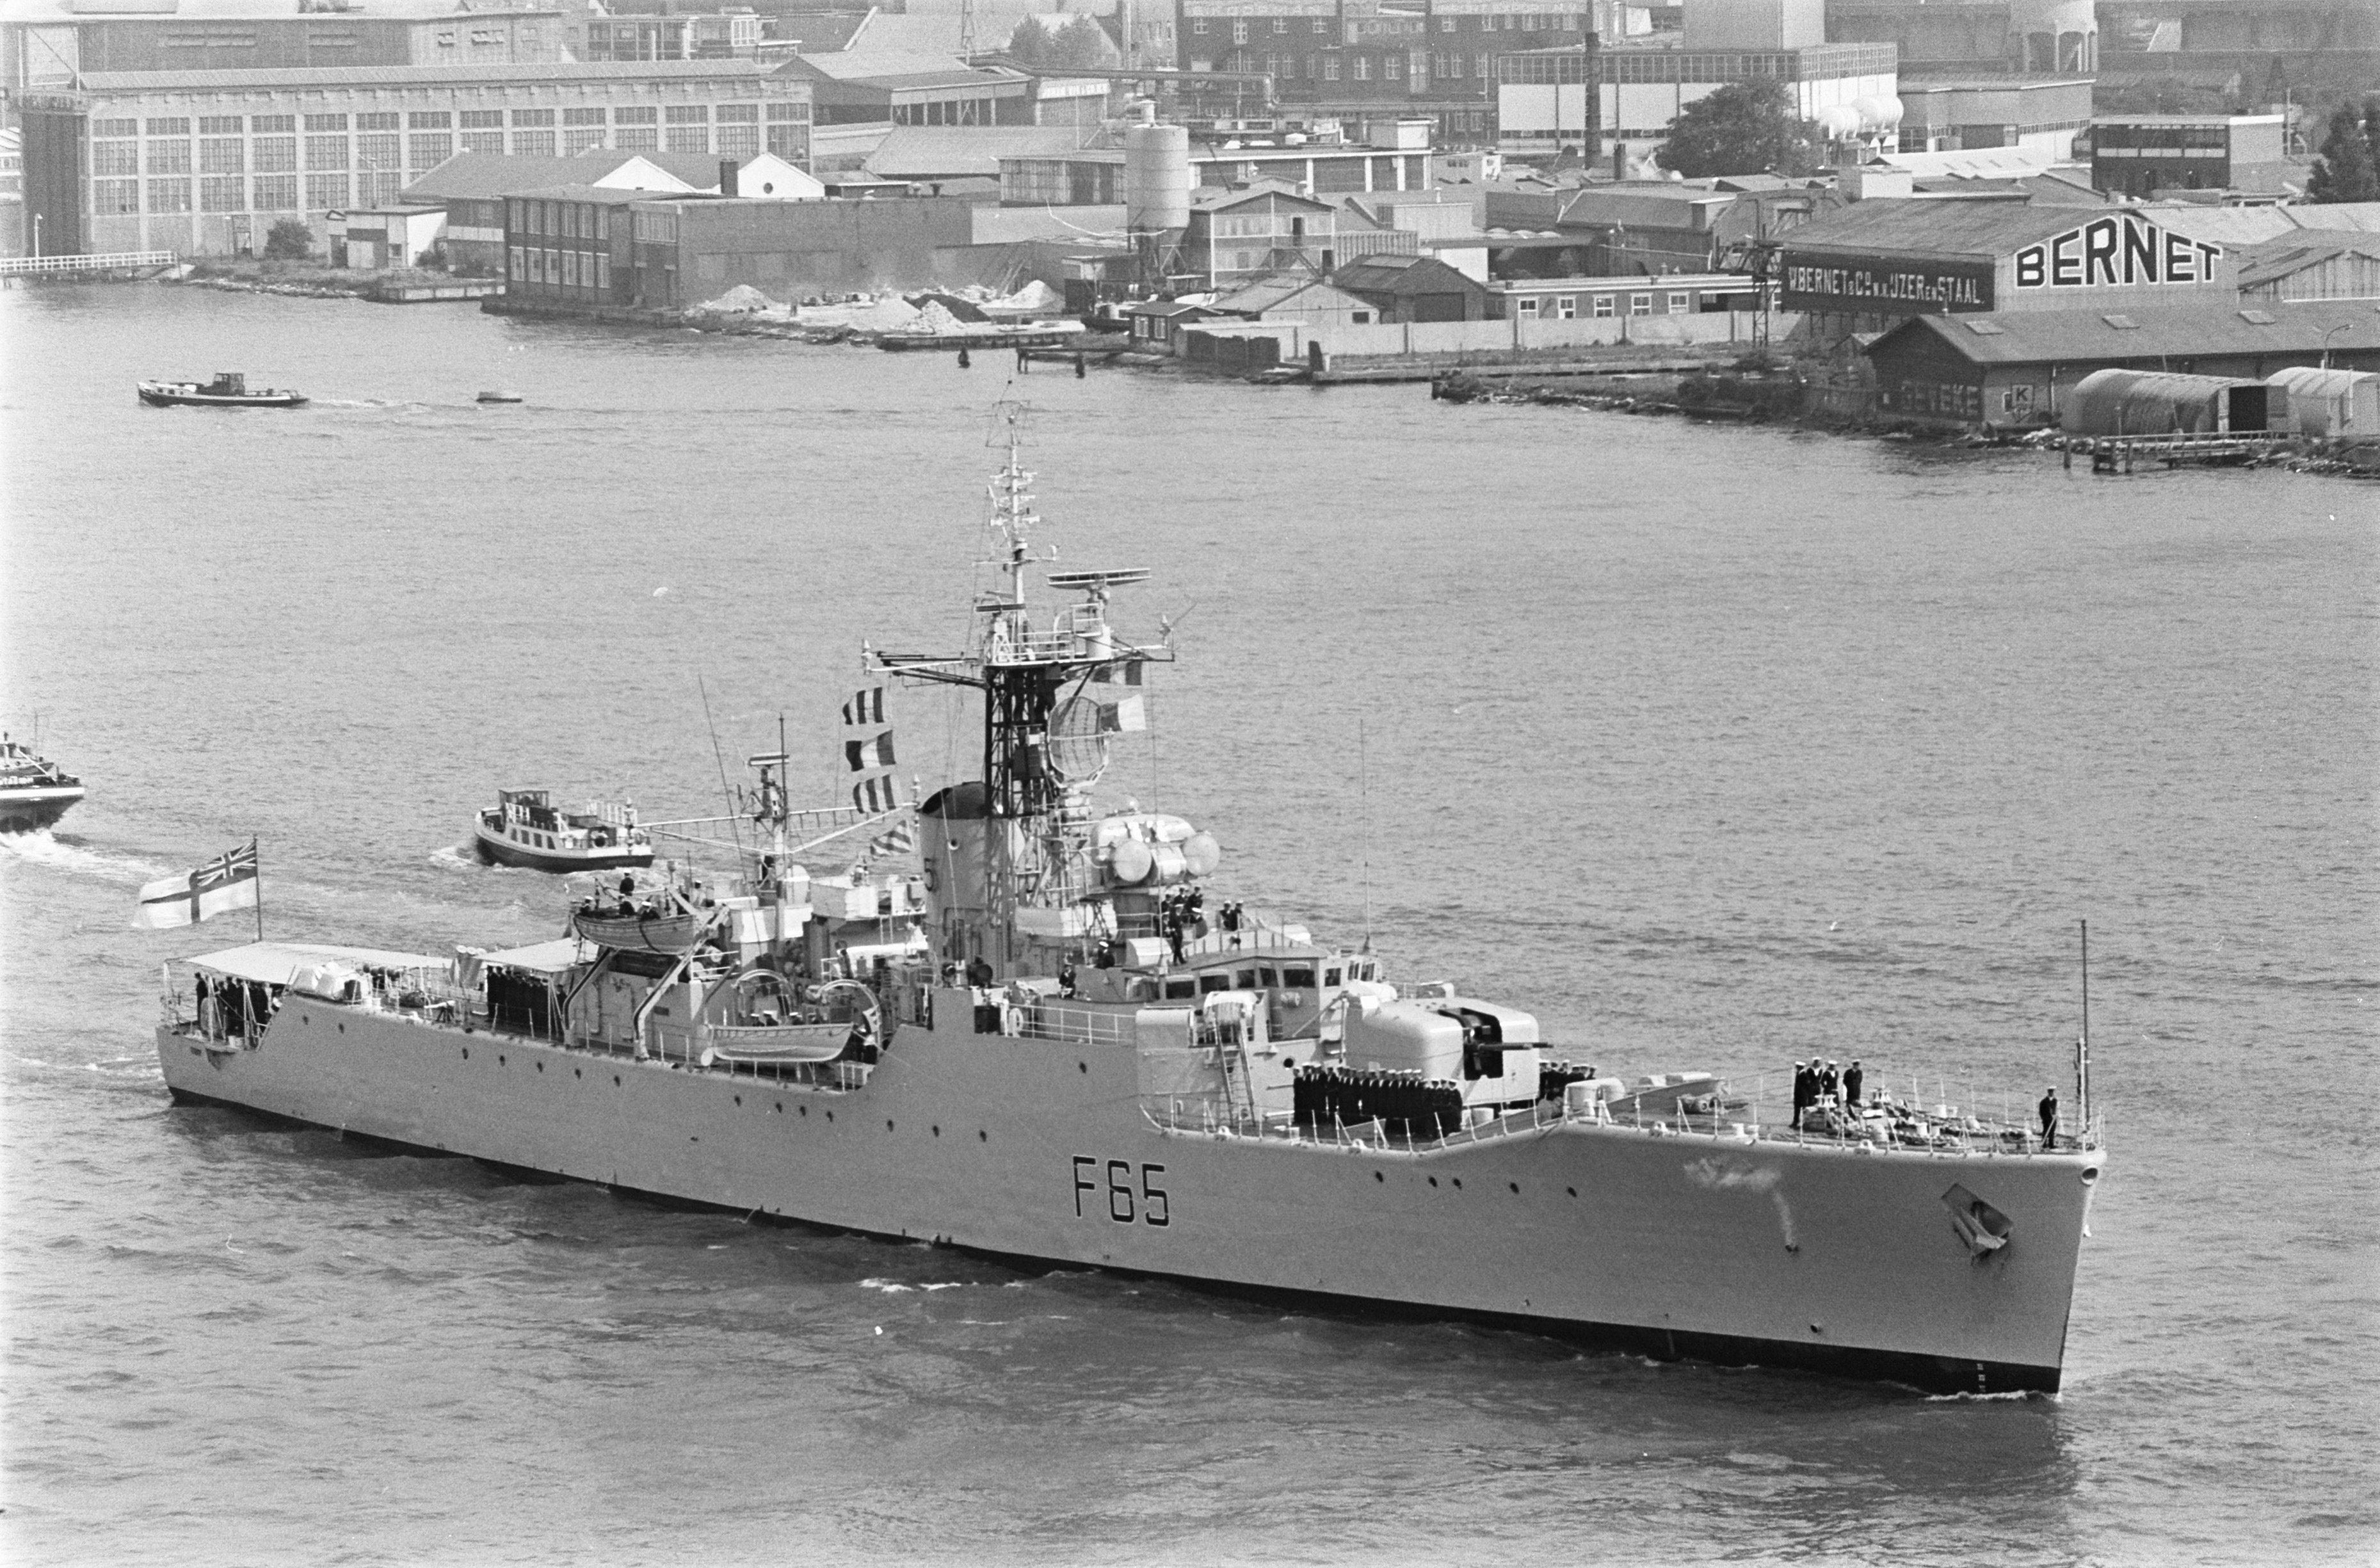 HMS Tenby (F65) - Wikipedia